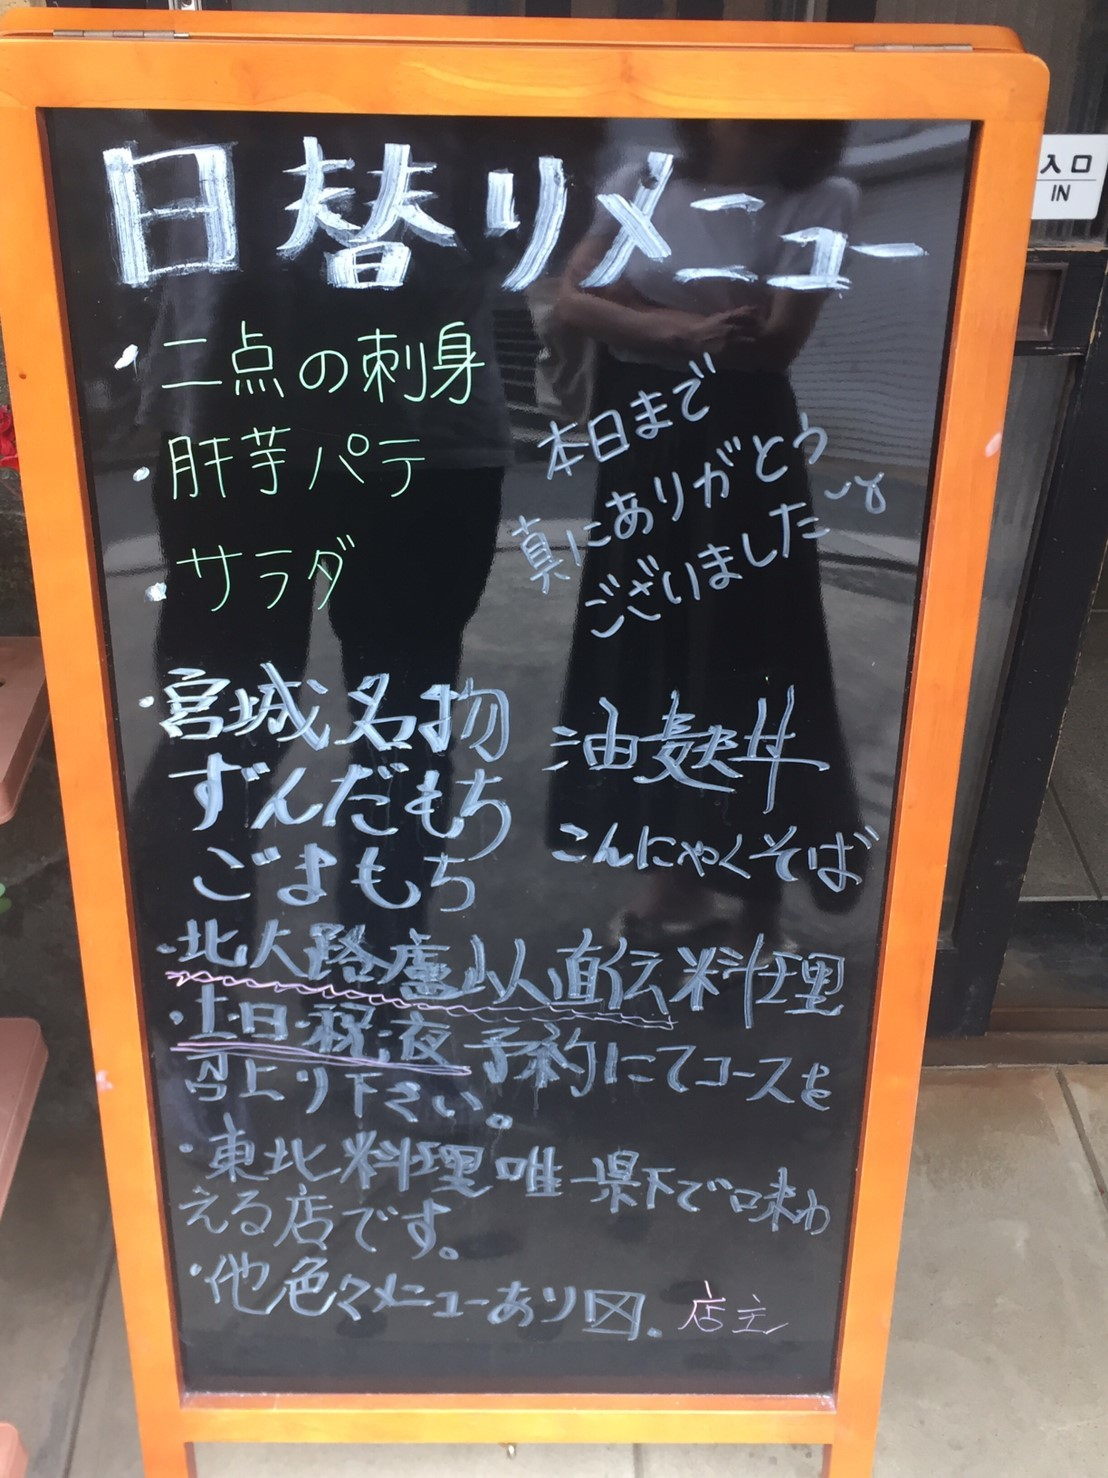 権現庵 ファイナル_e0115904_08352395.jpg